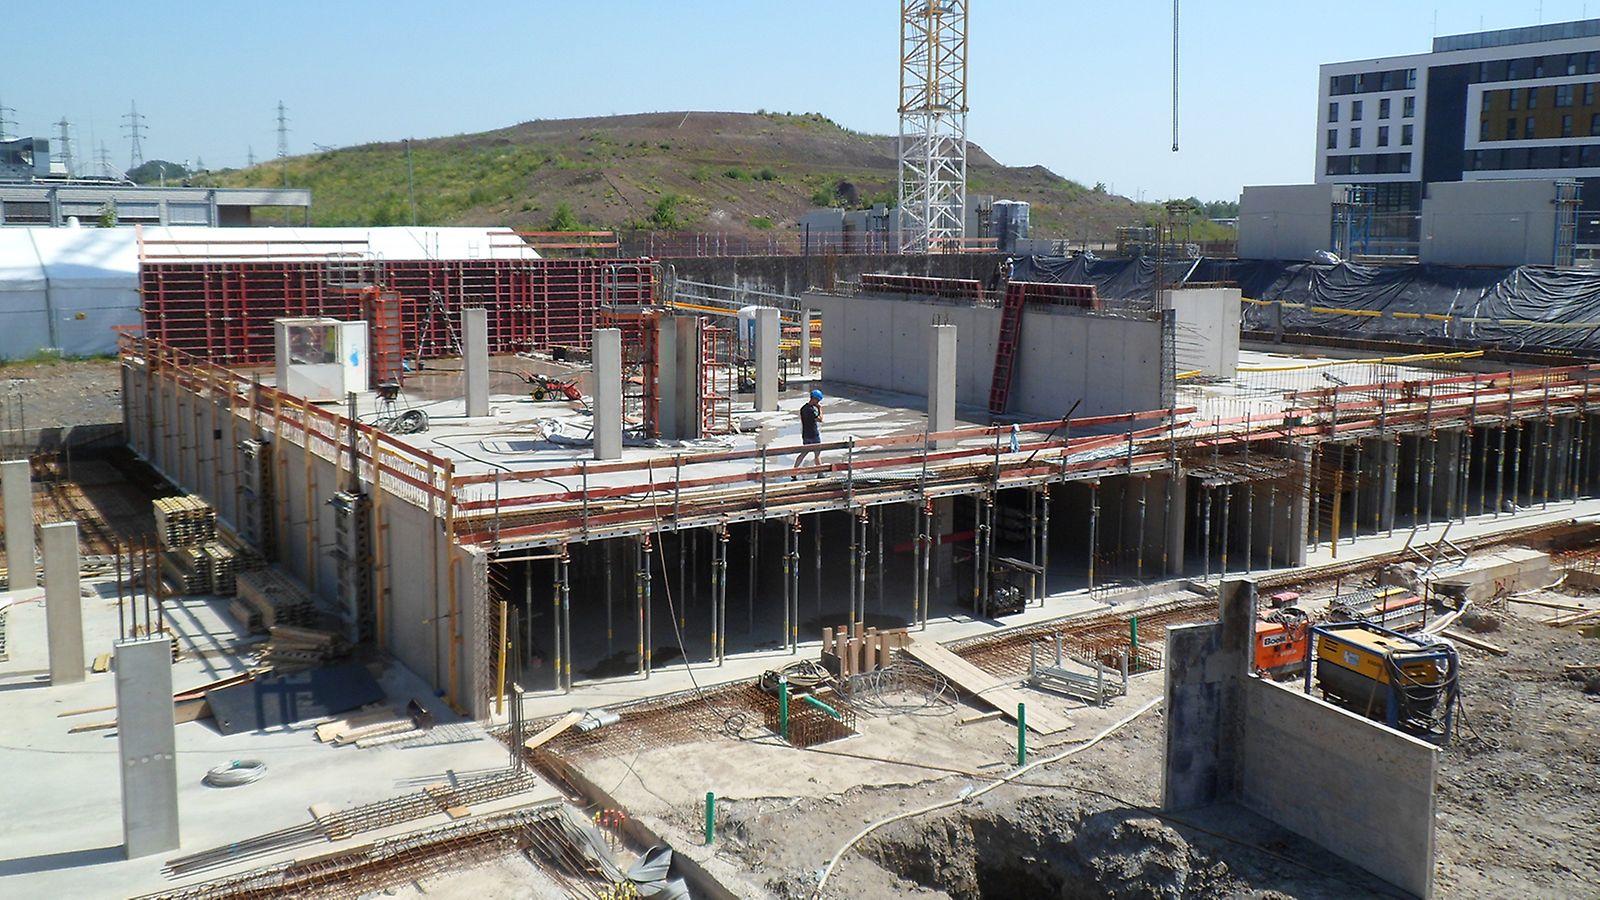 De eerste ondergrondse bouwlaag voor de parking wordt overkapt met SKYDECK vloerbekisting van PERI.